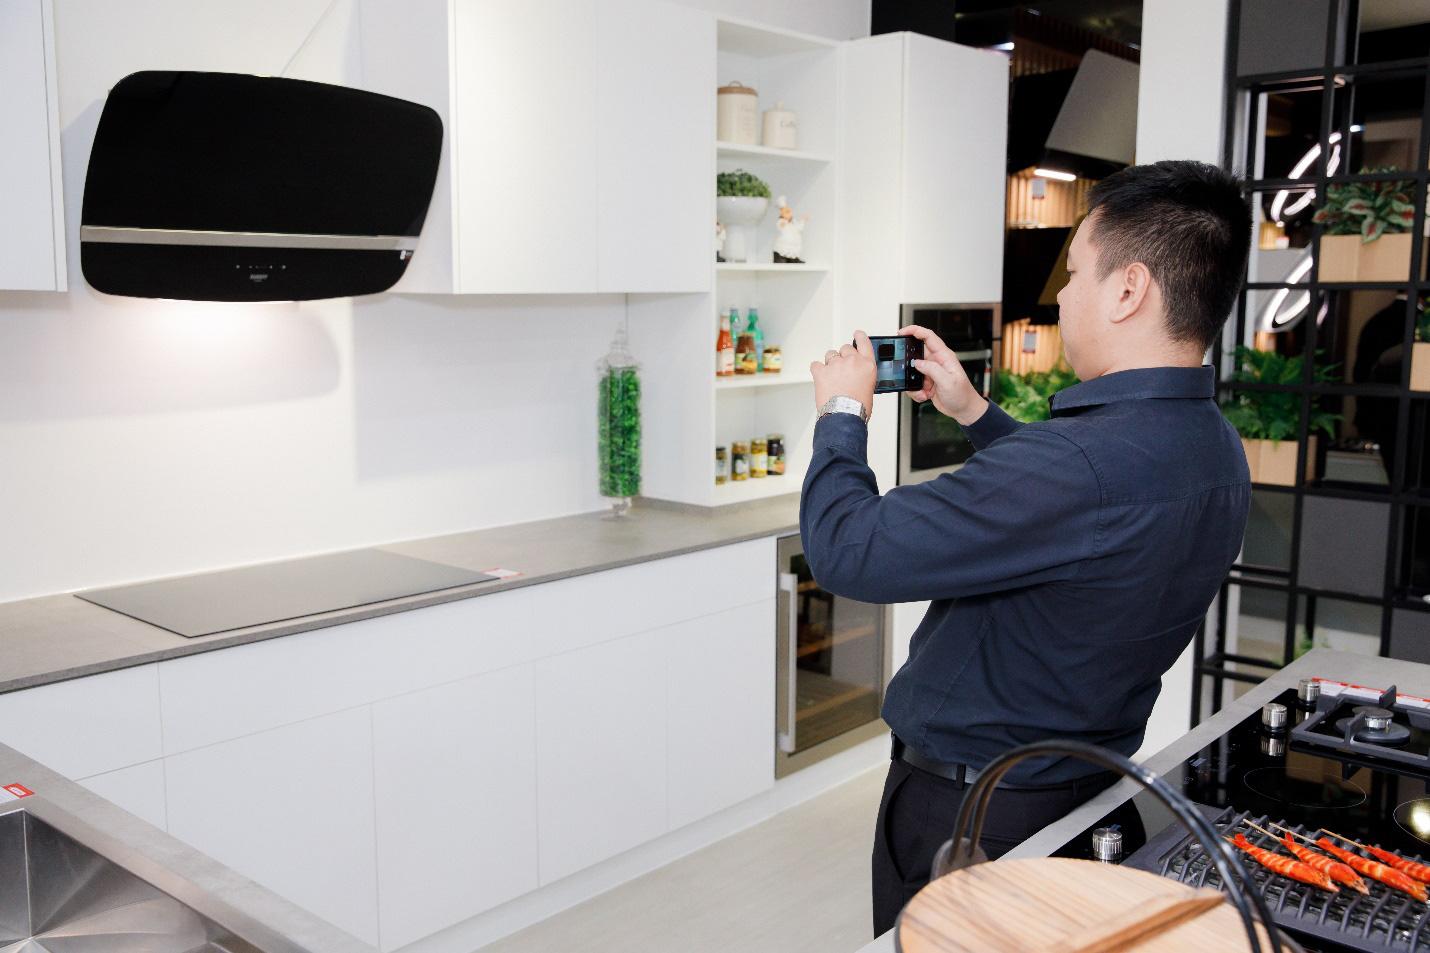 Dudoff Việt Nam ra mắt bộ nhận diện thương hiệu mới nhân dịp sinh nhật lần thứ 5 - Ảnh 1.